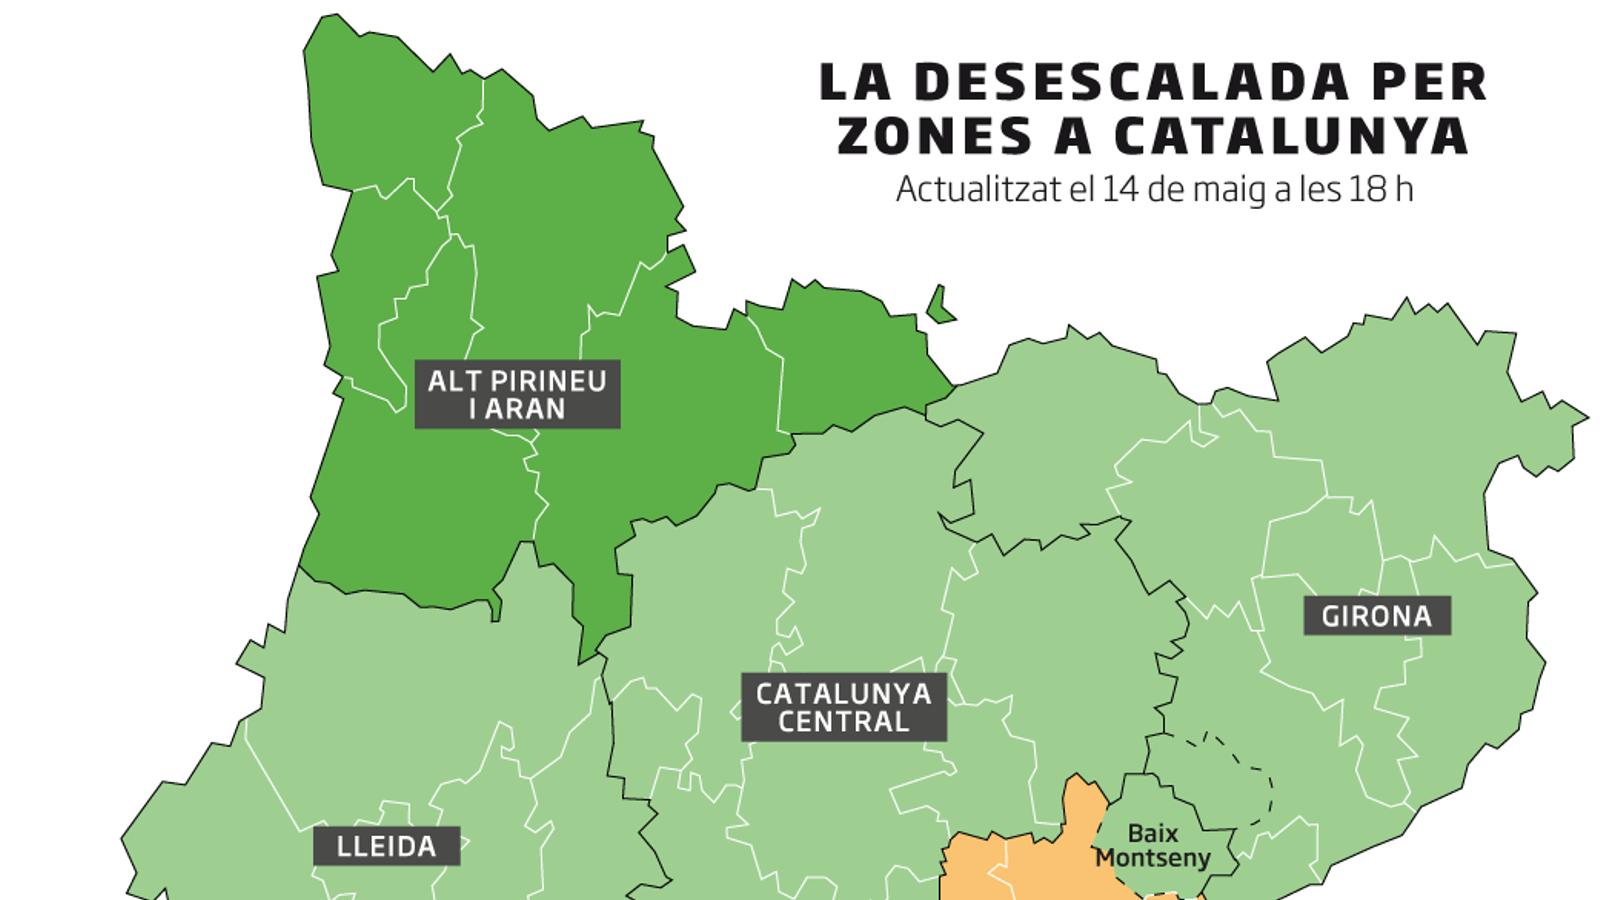 El Govern proposa que el Garraf, l'Alt Penedès i el Baix Montseny passin a la fase 1, i estendre l'ús de les mascaretes